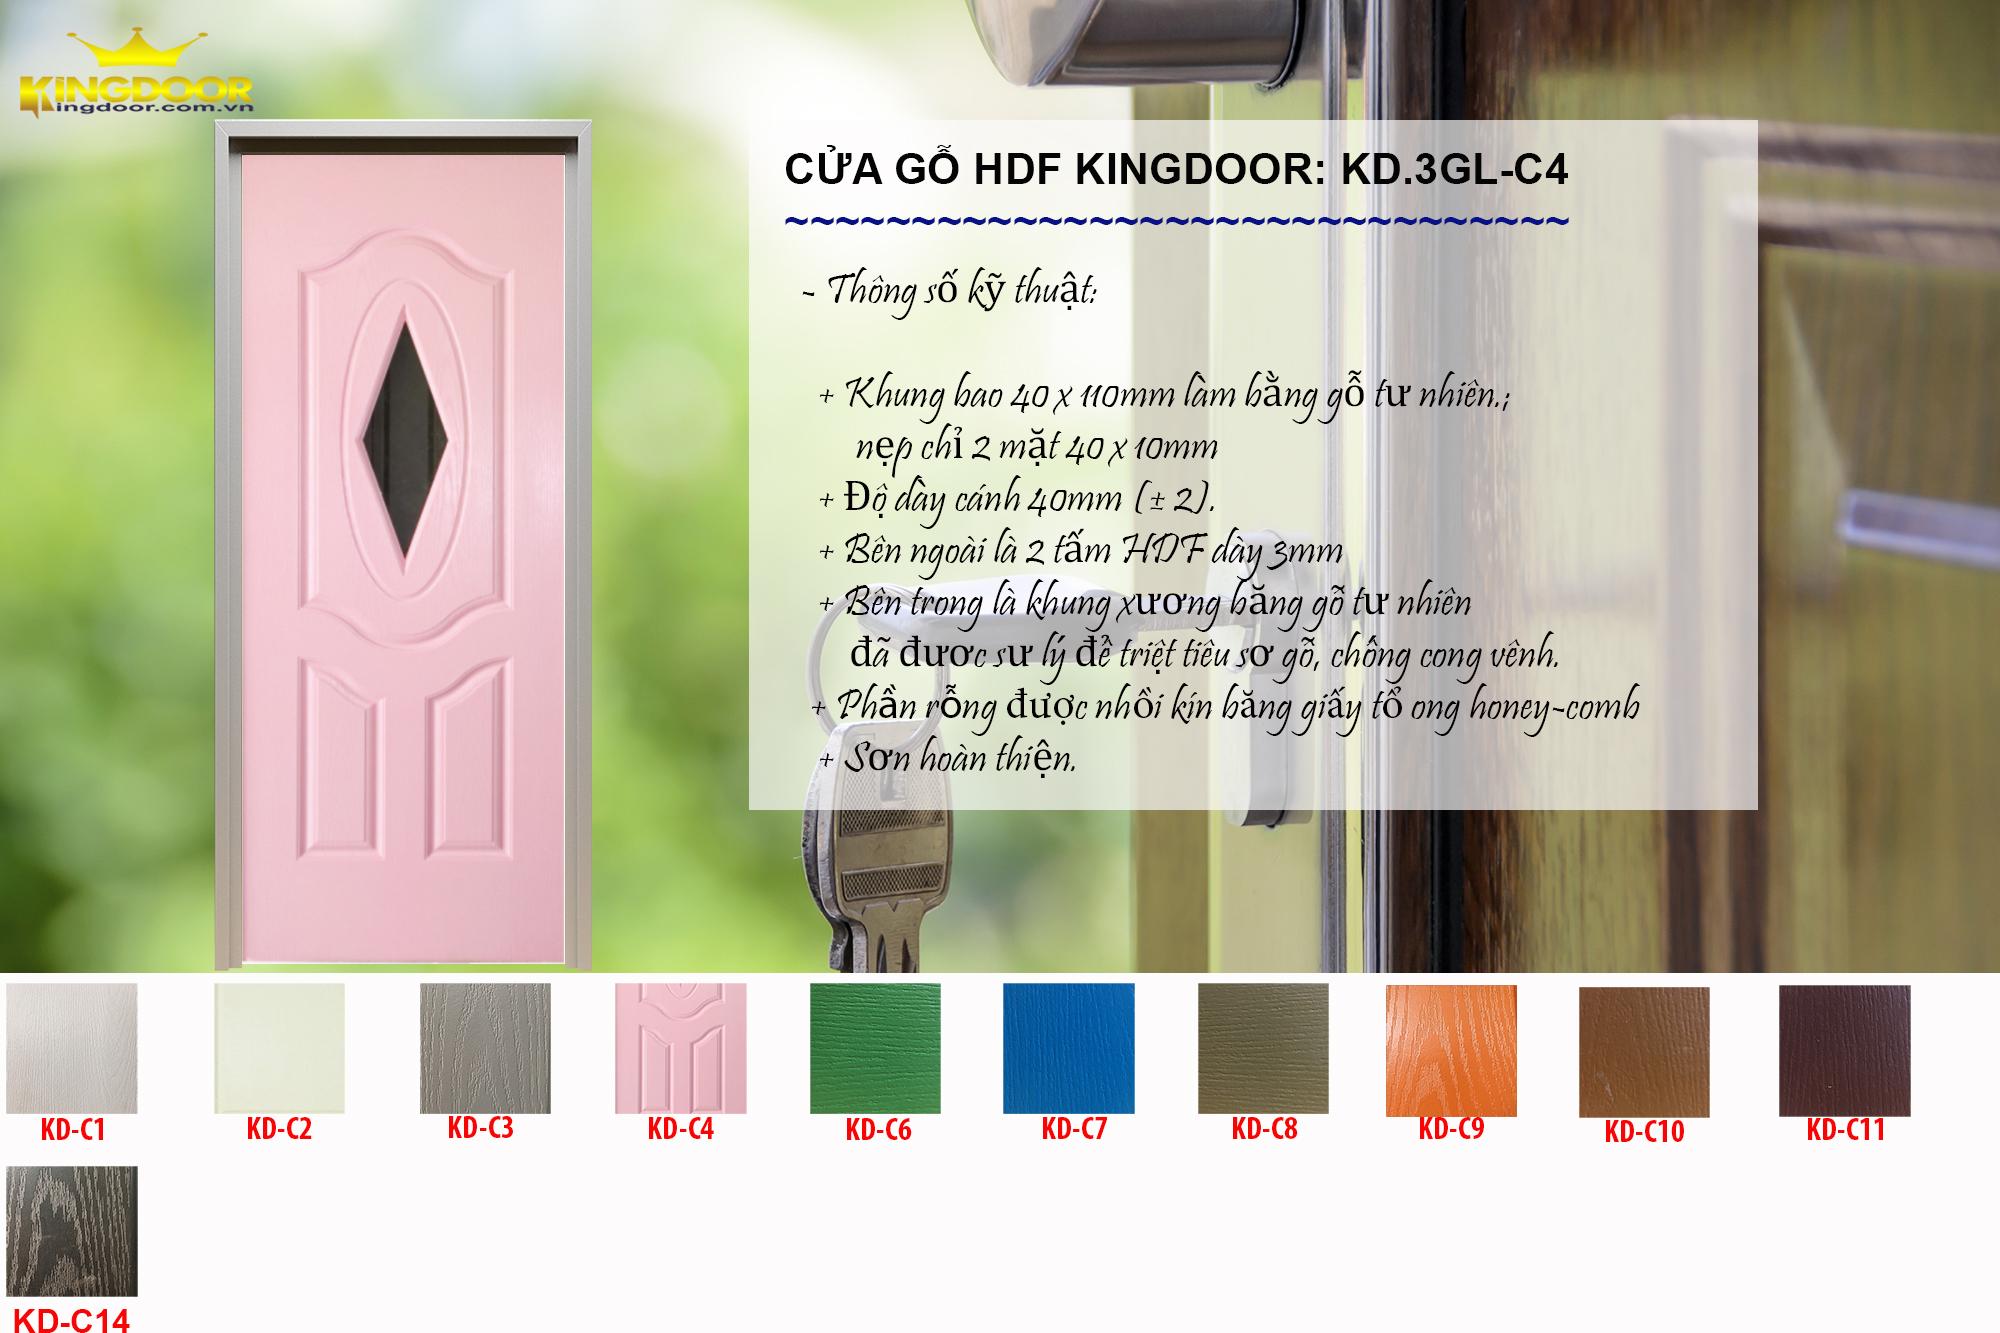 Cửa gỗ công nghiệp hdf mẫu 3GL-C4